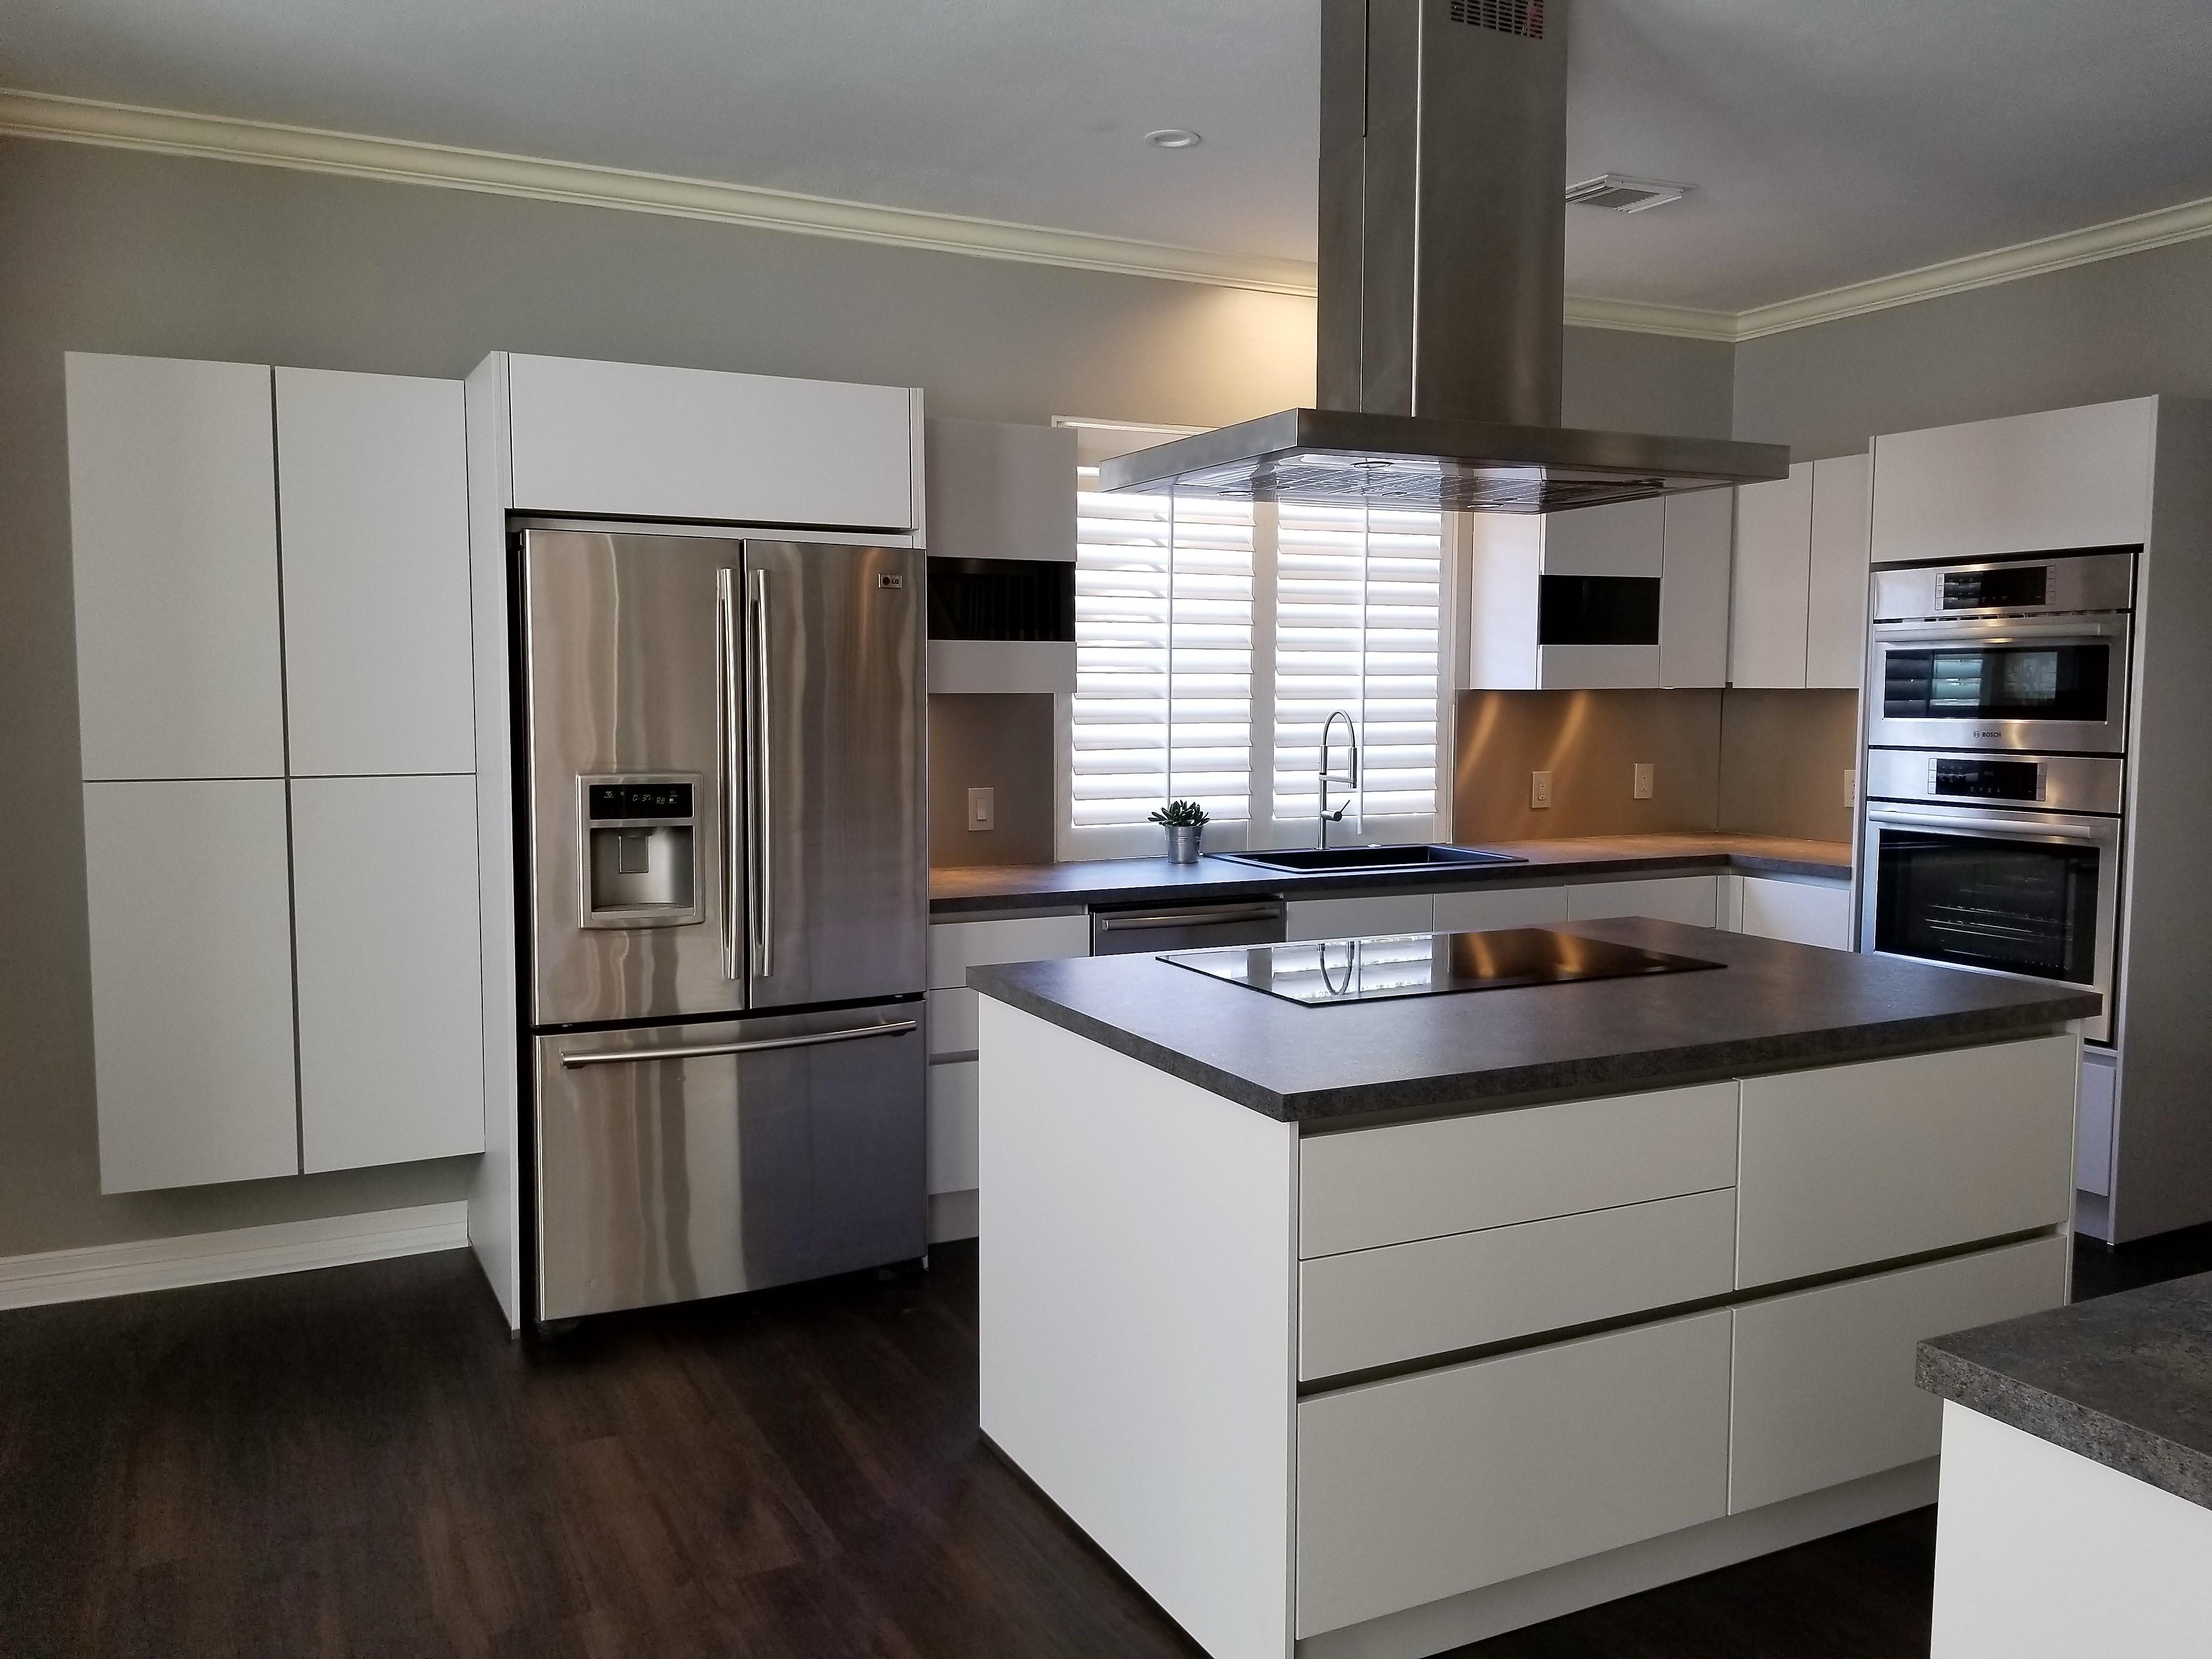 Houston / modern kitchen cabinets